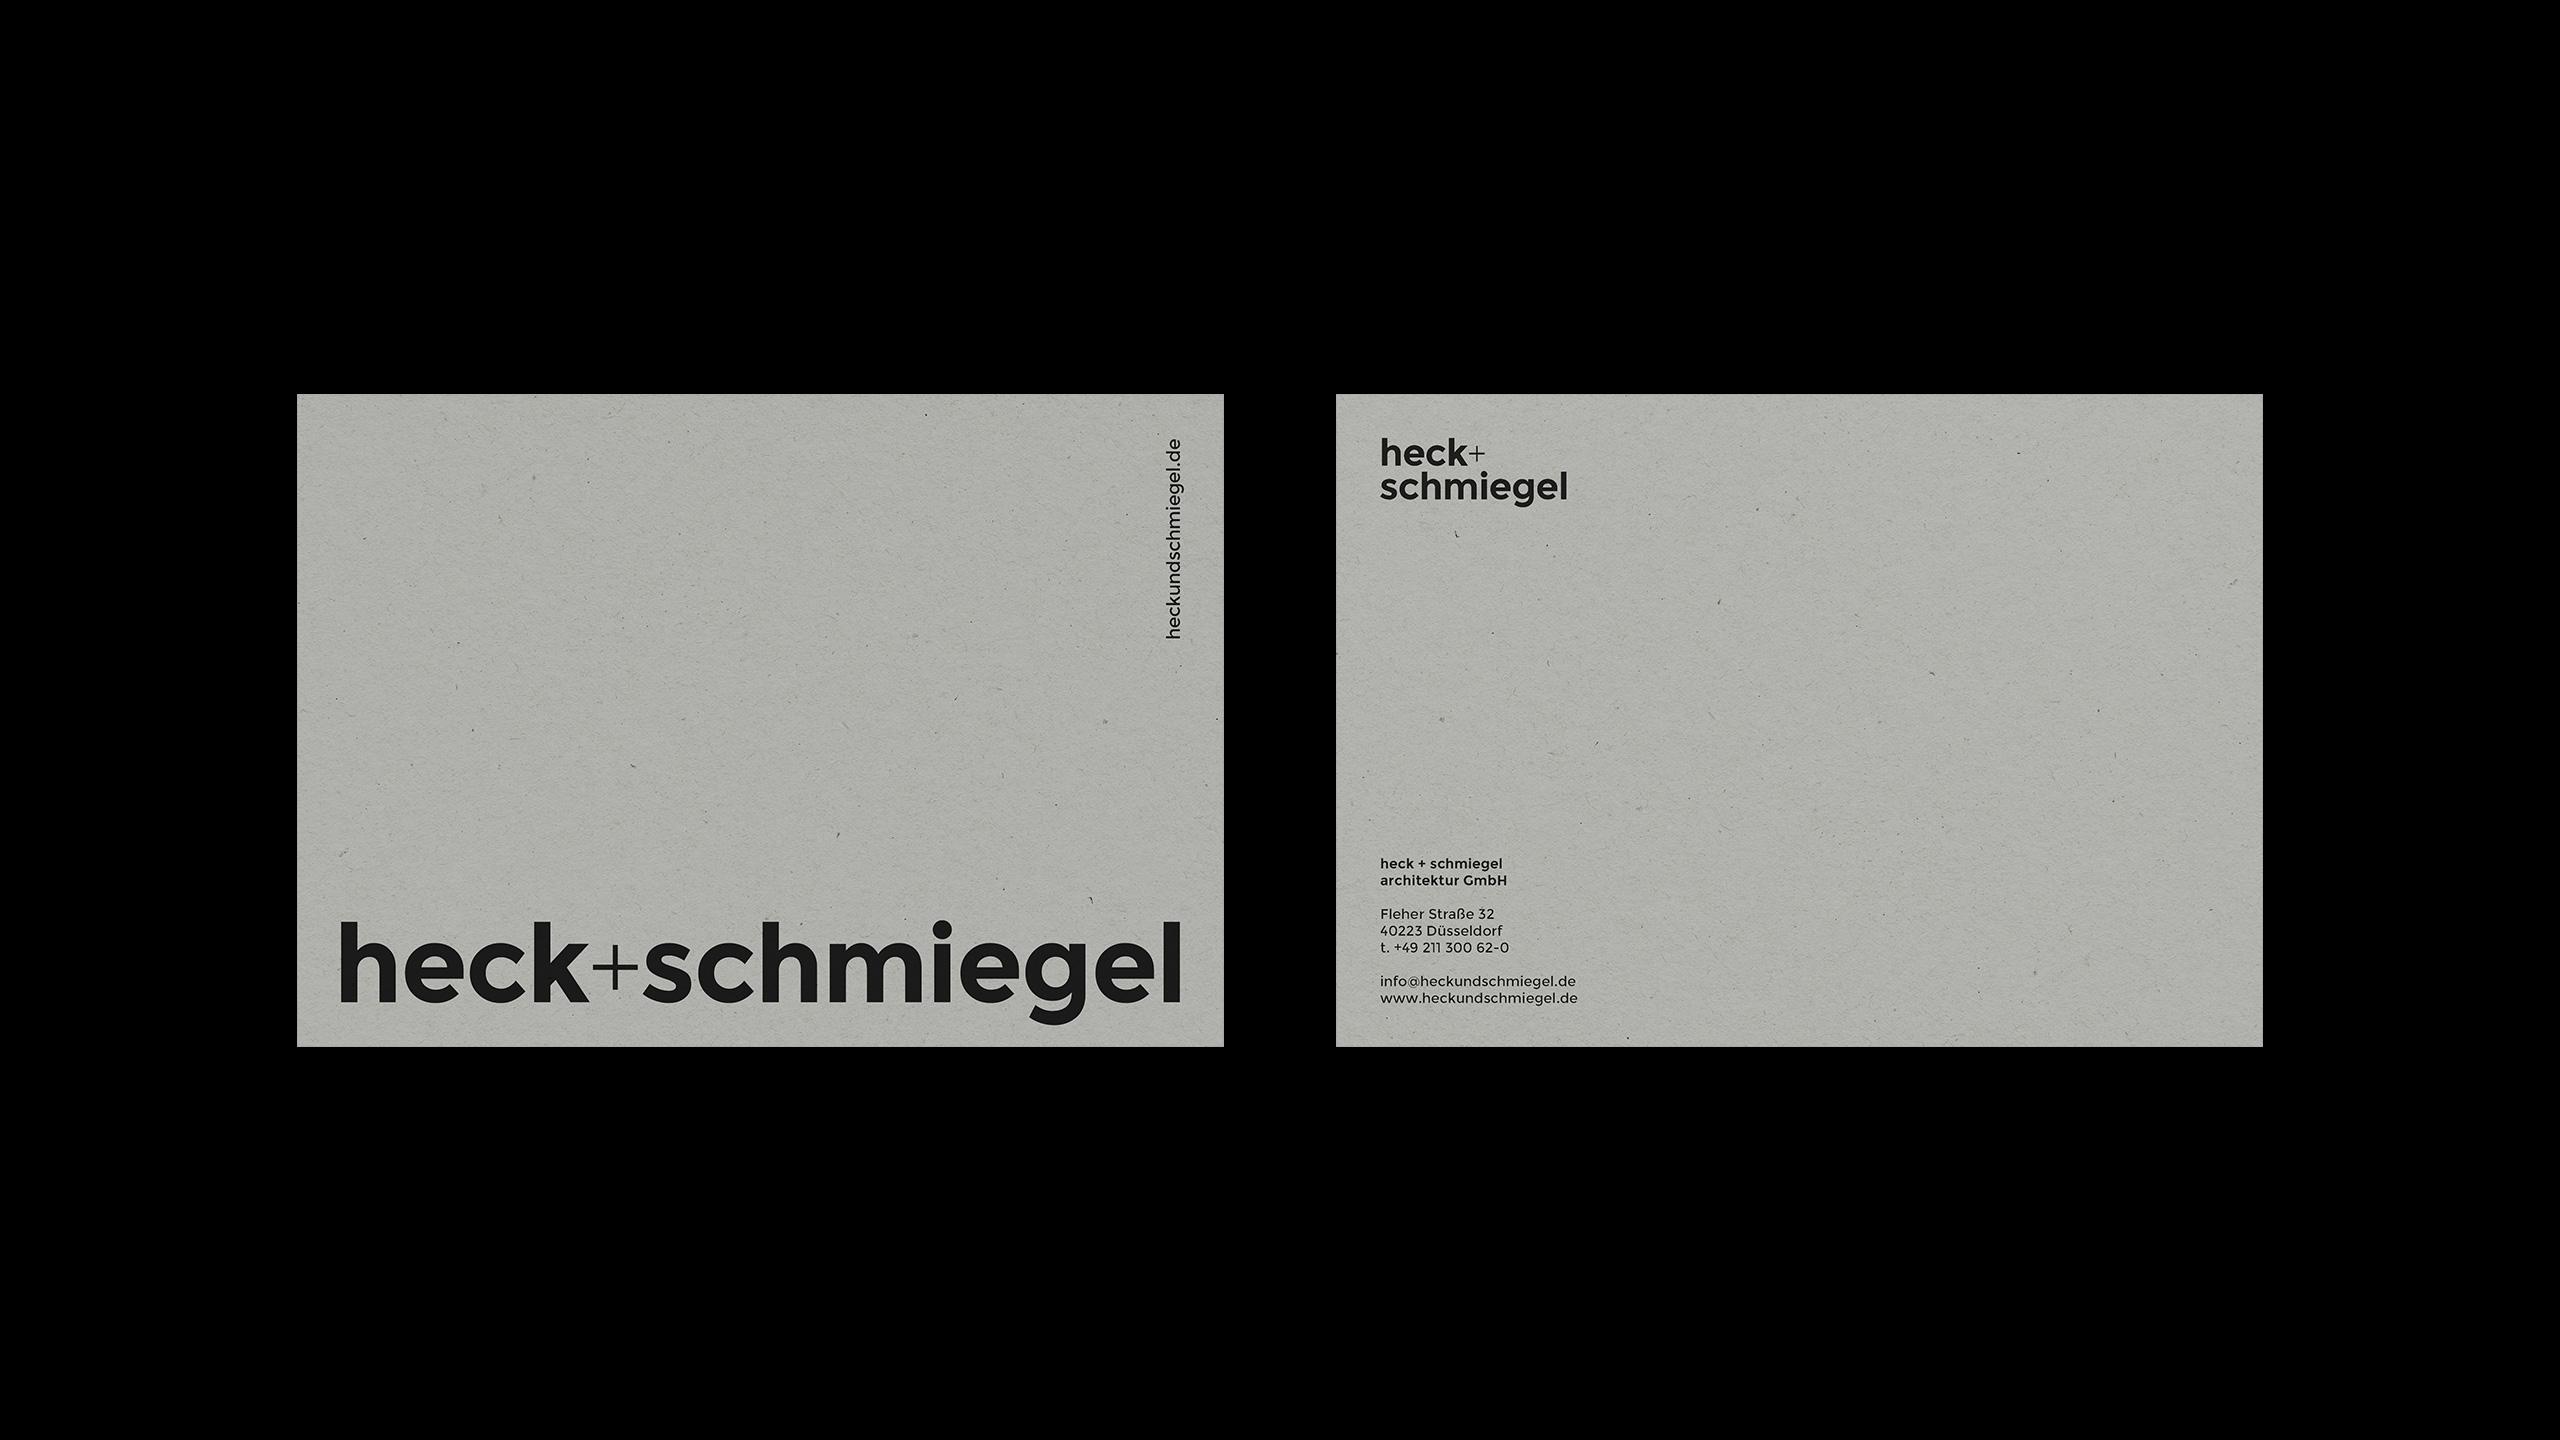 005-heckundschmiegel-architektur_high